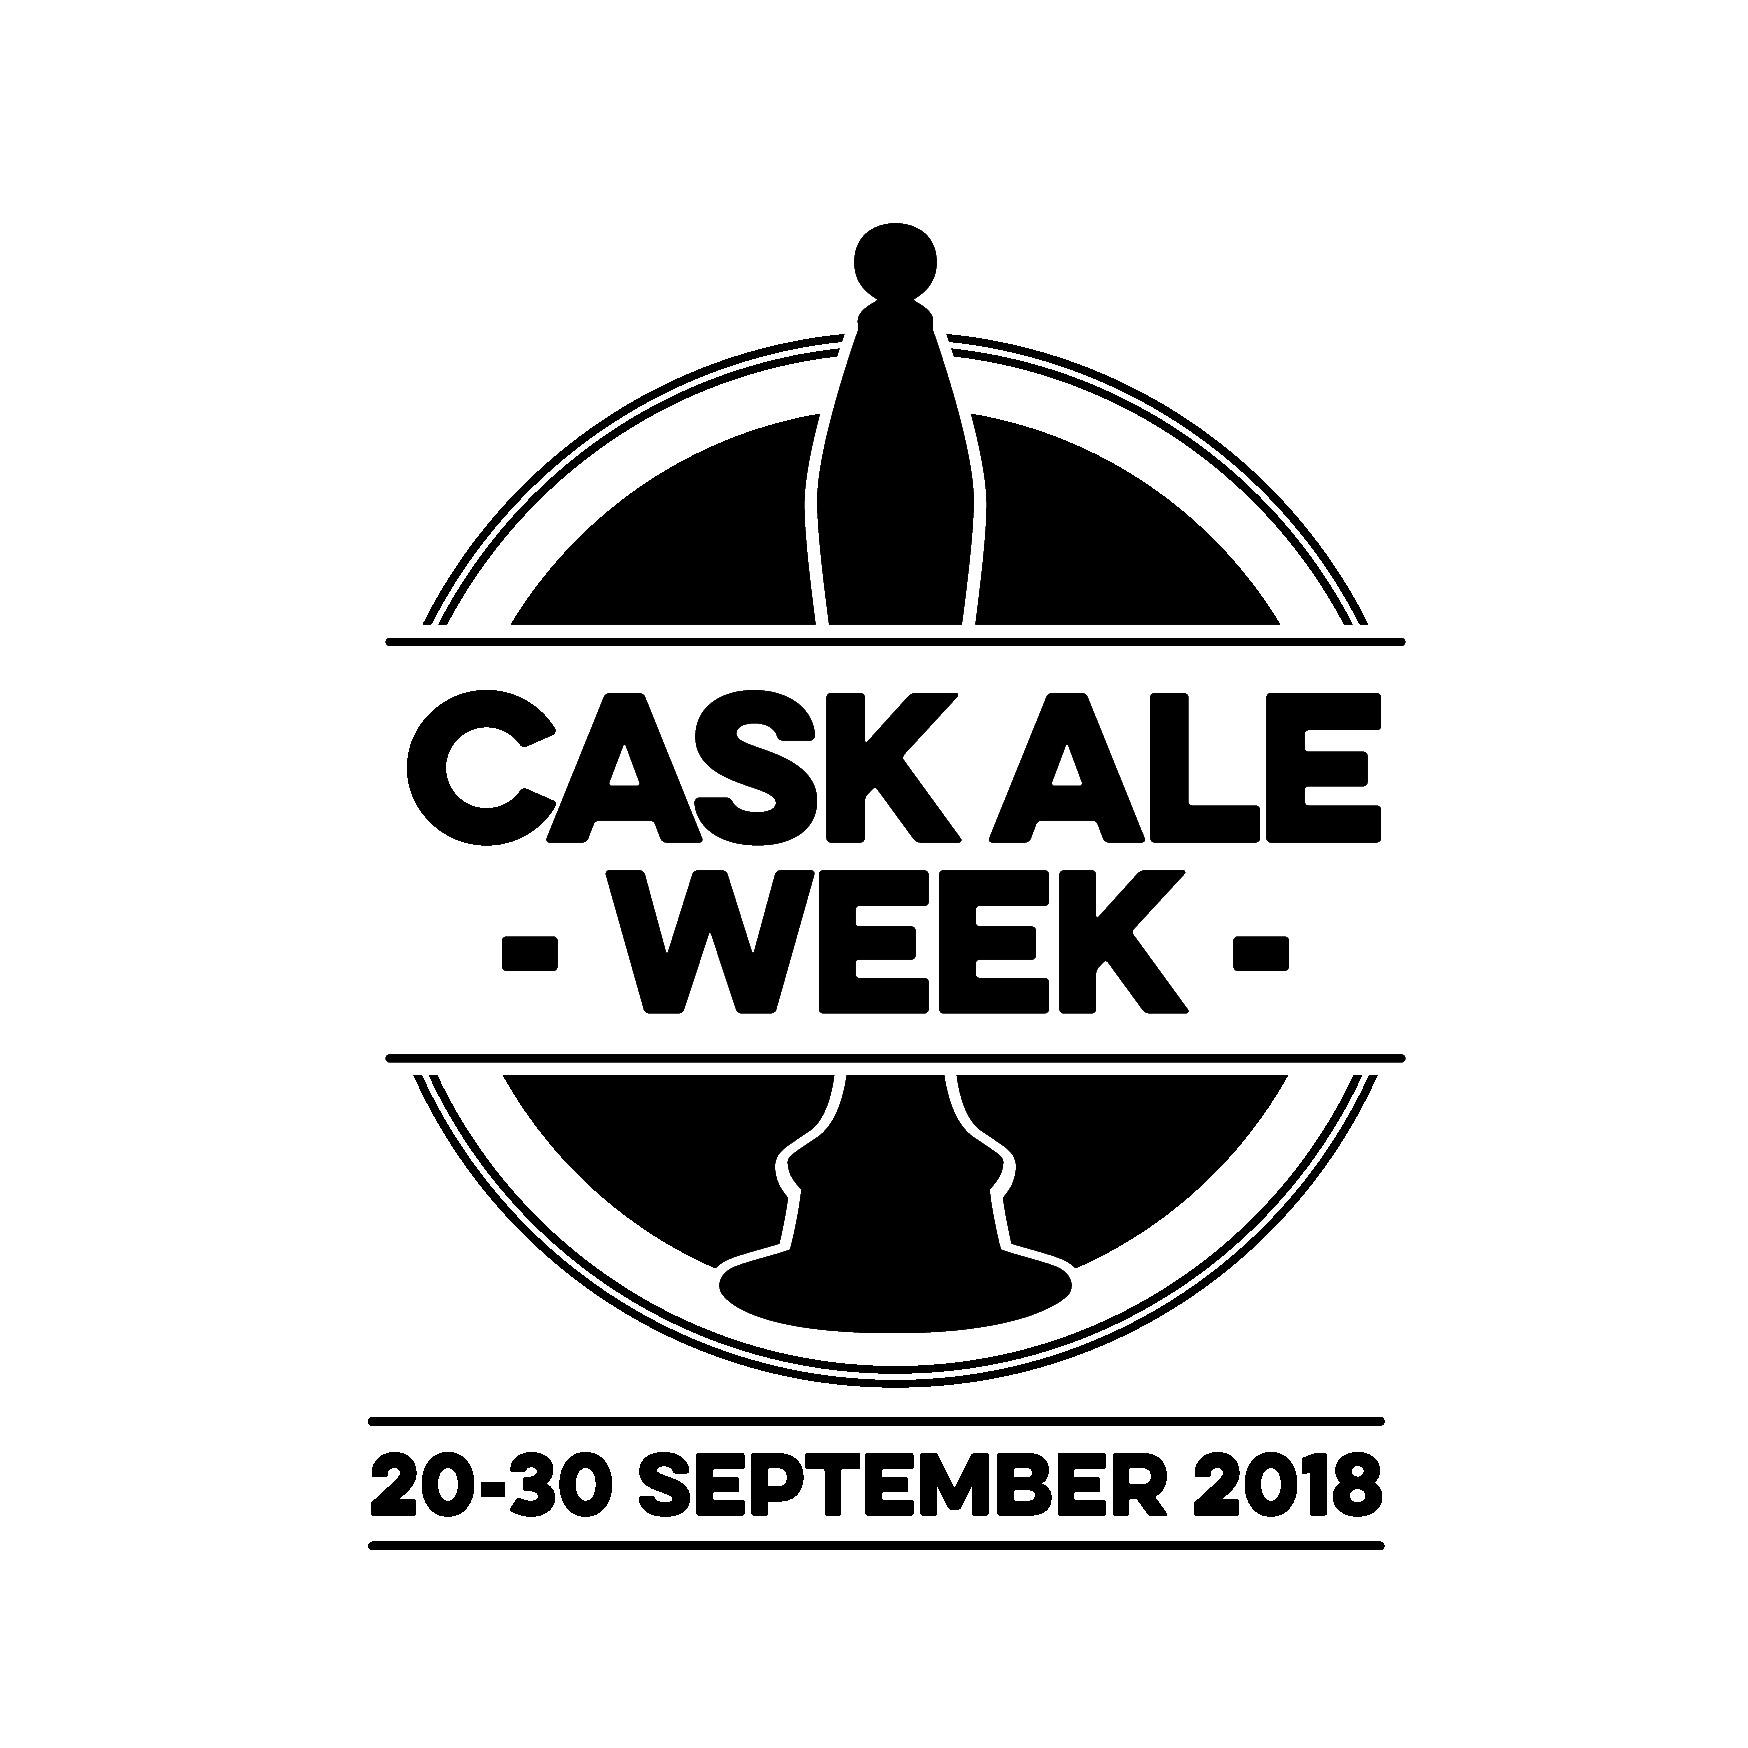 Cask Ale Week 2018